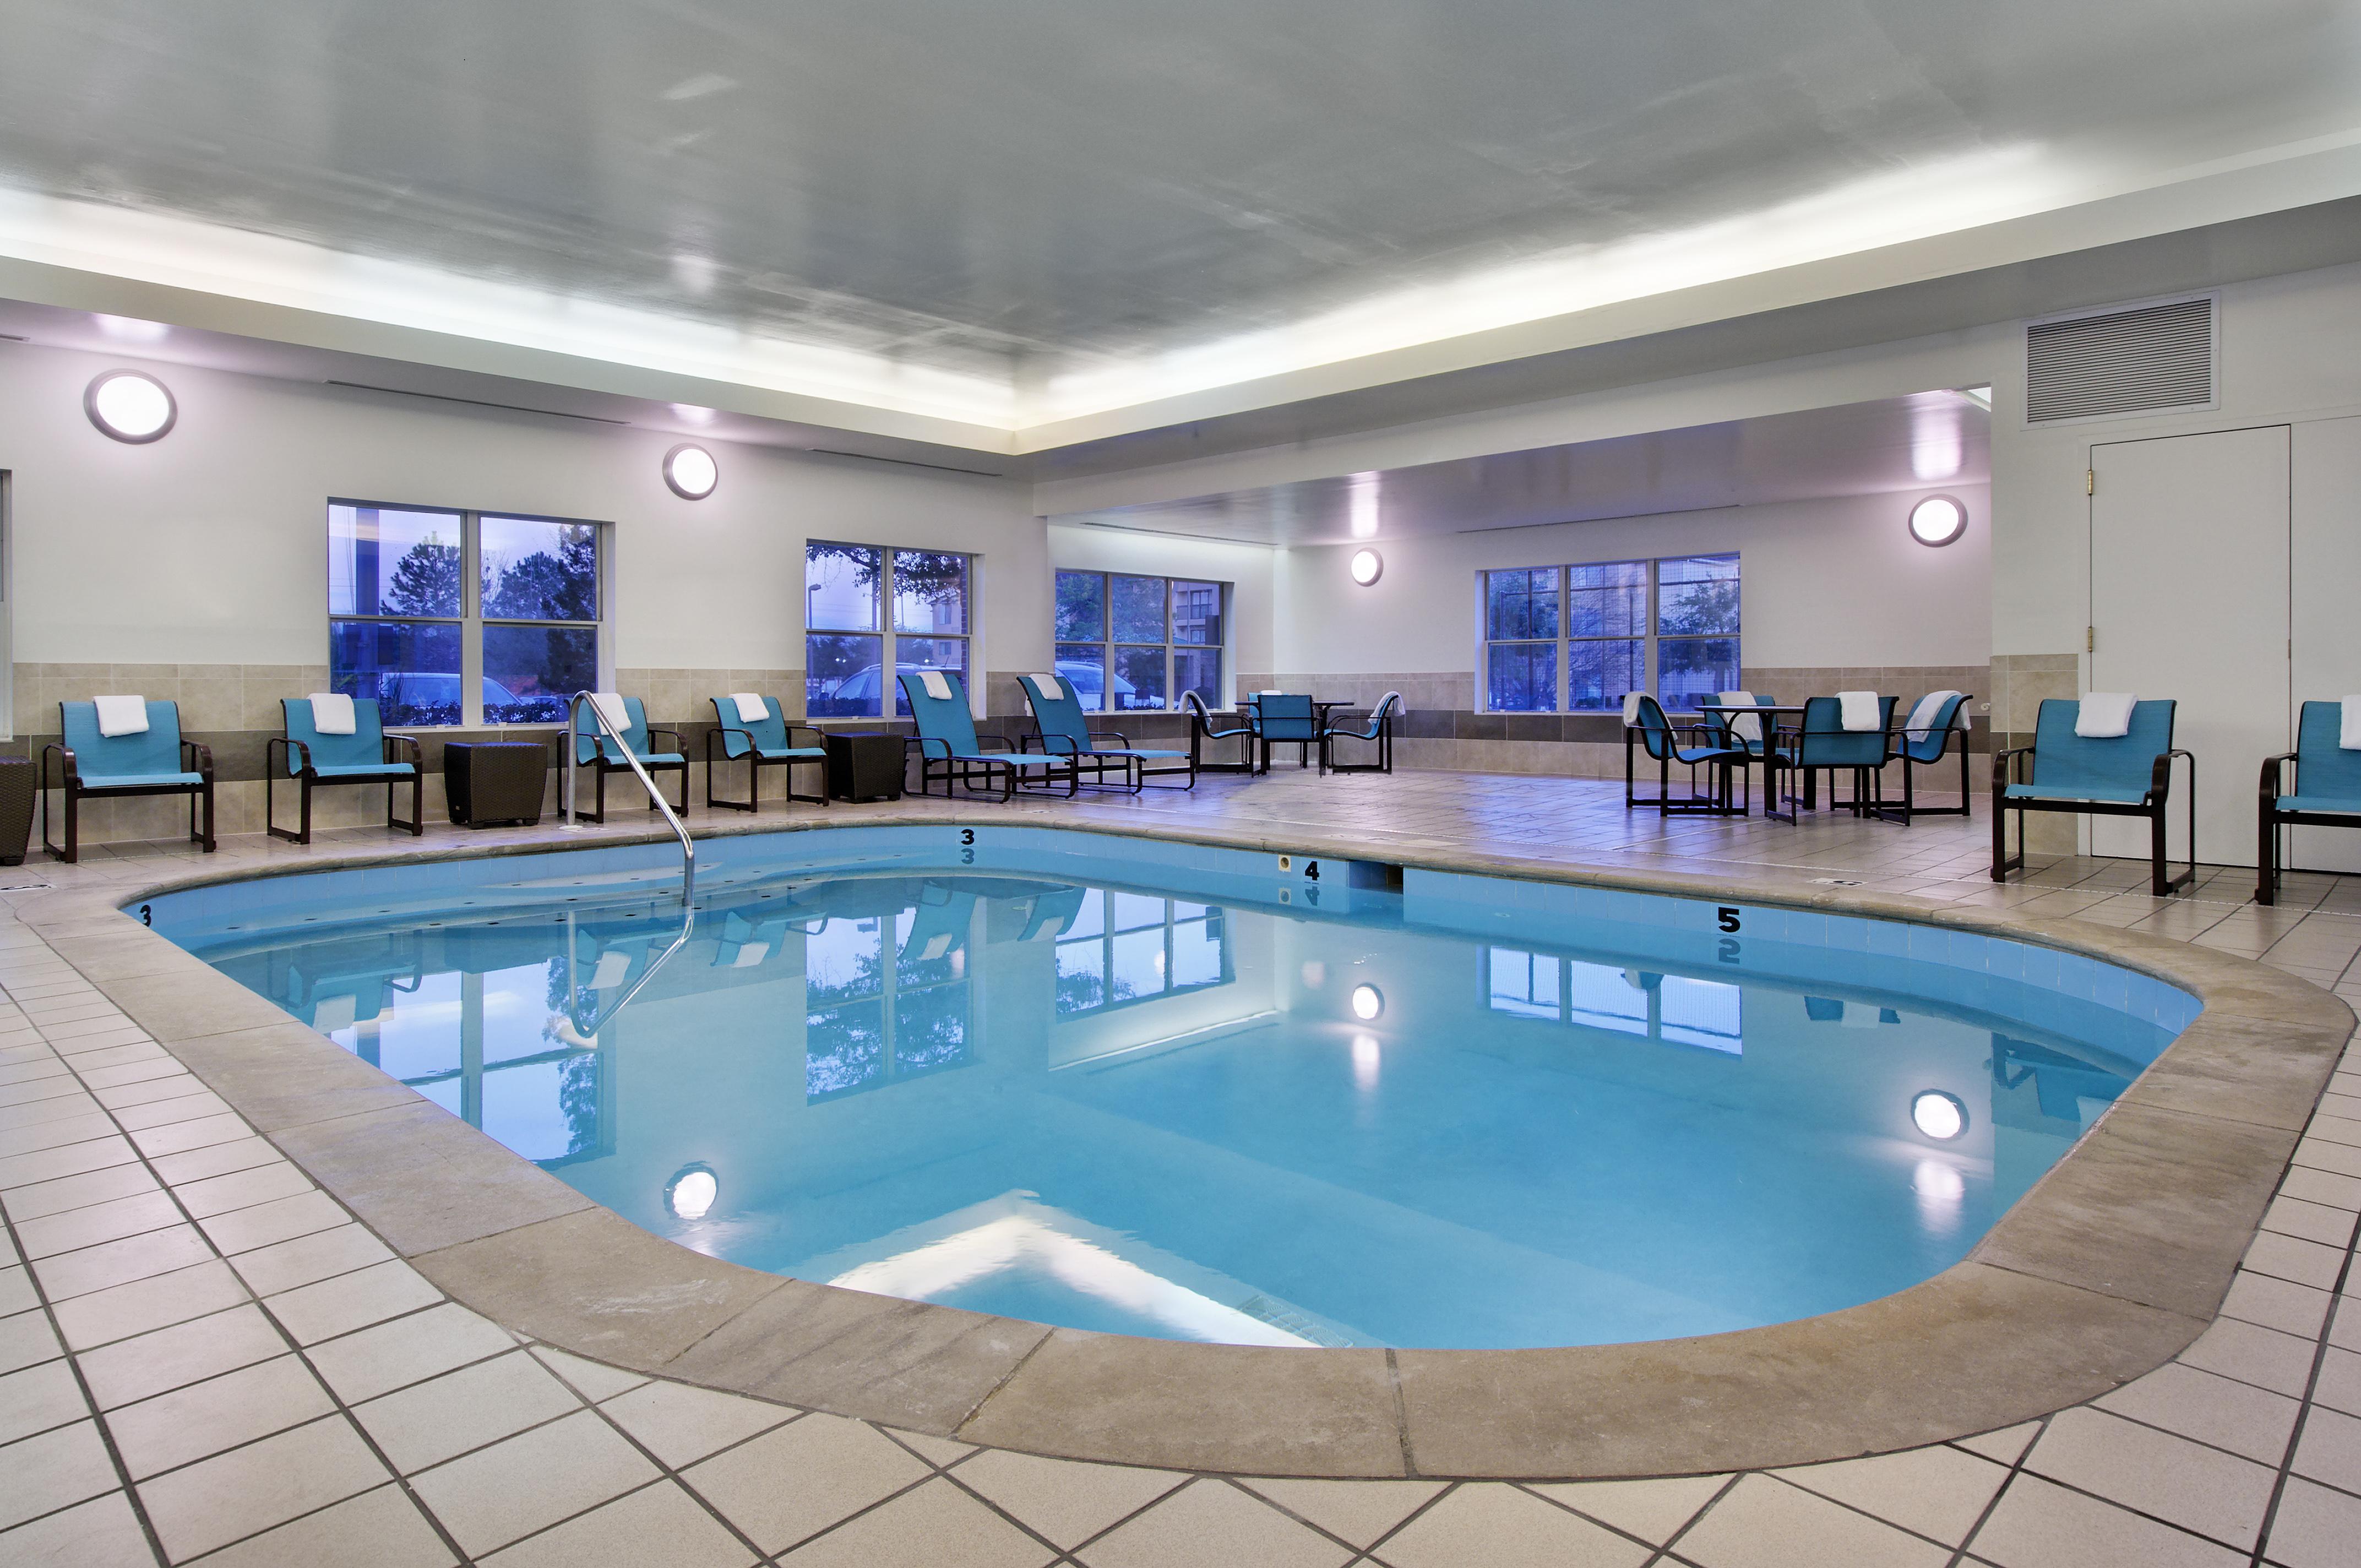 RESIDENCE INN BY MARRIOTT MOBILE - Hotel Planner